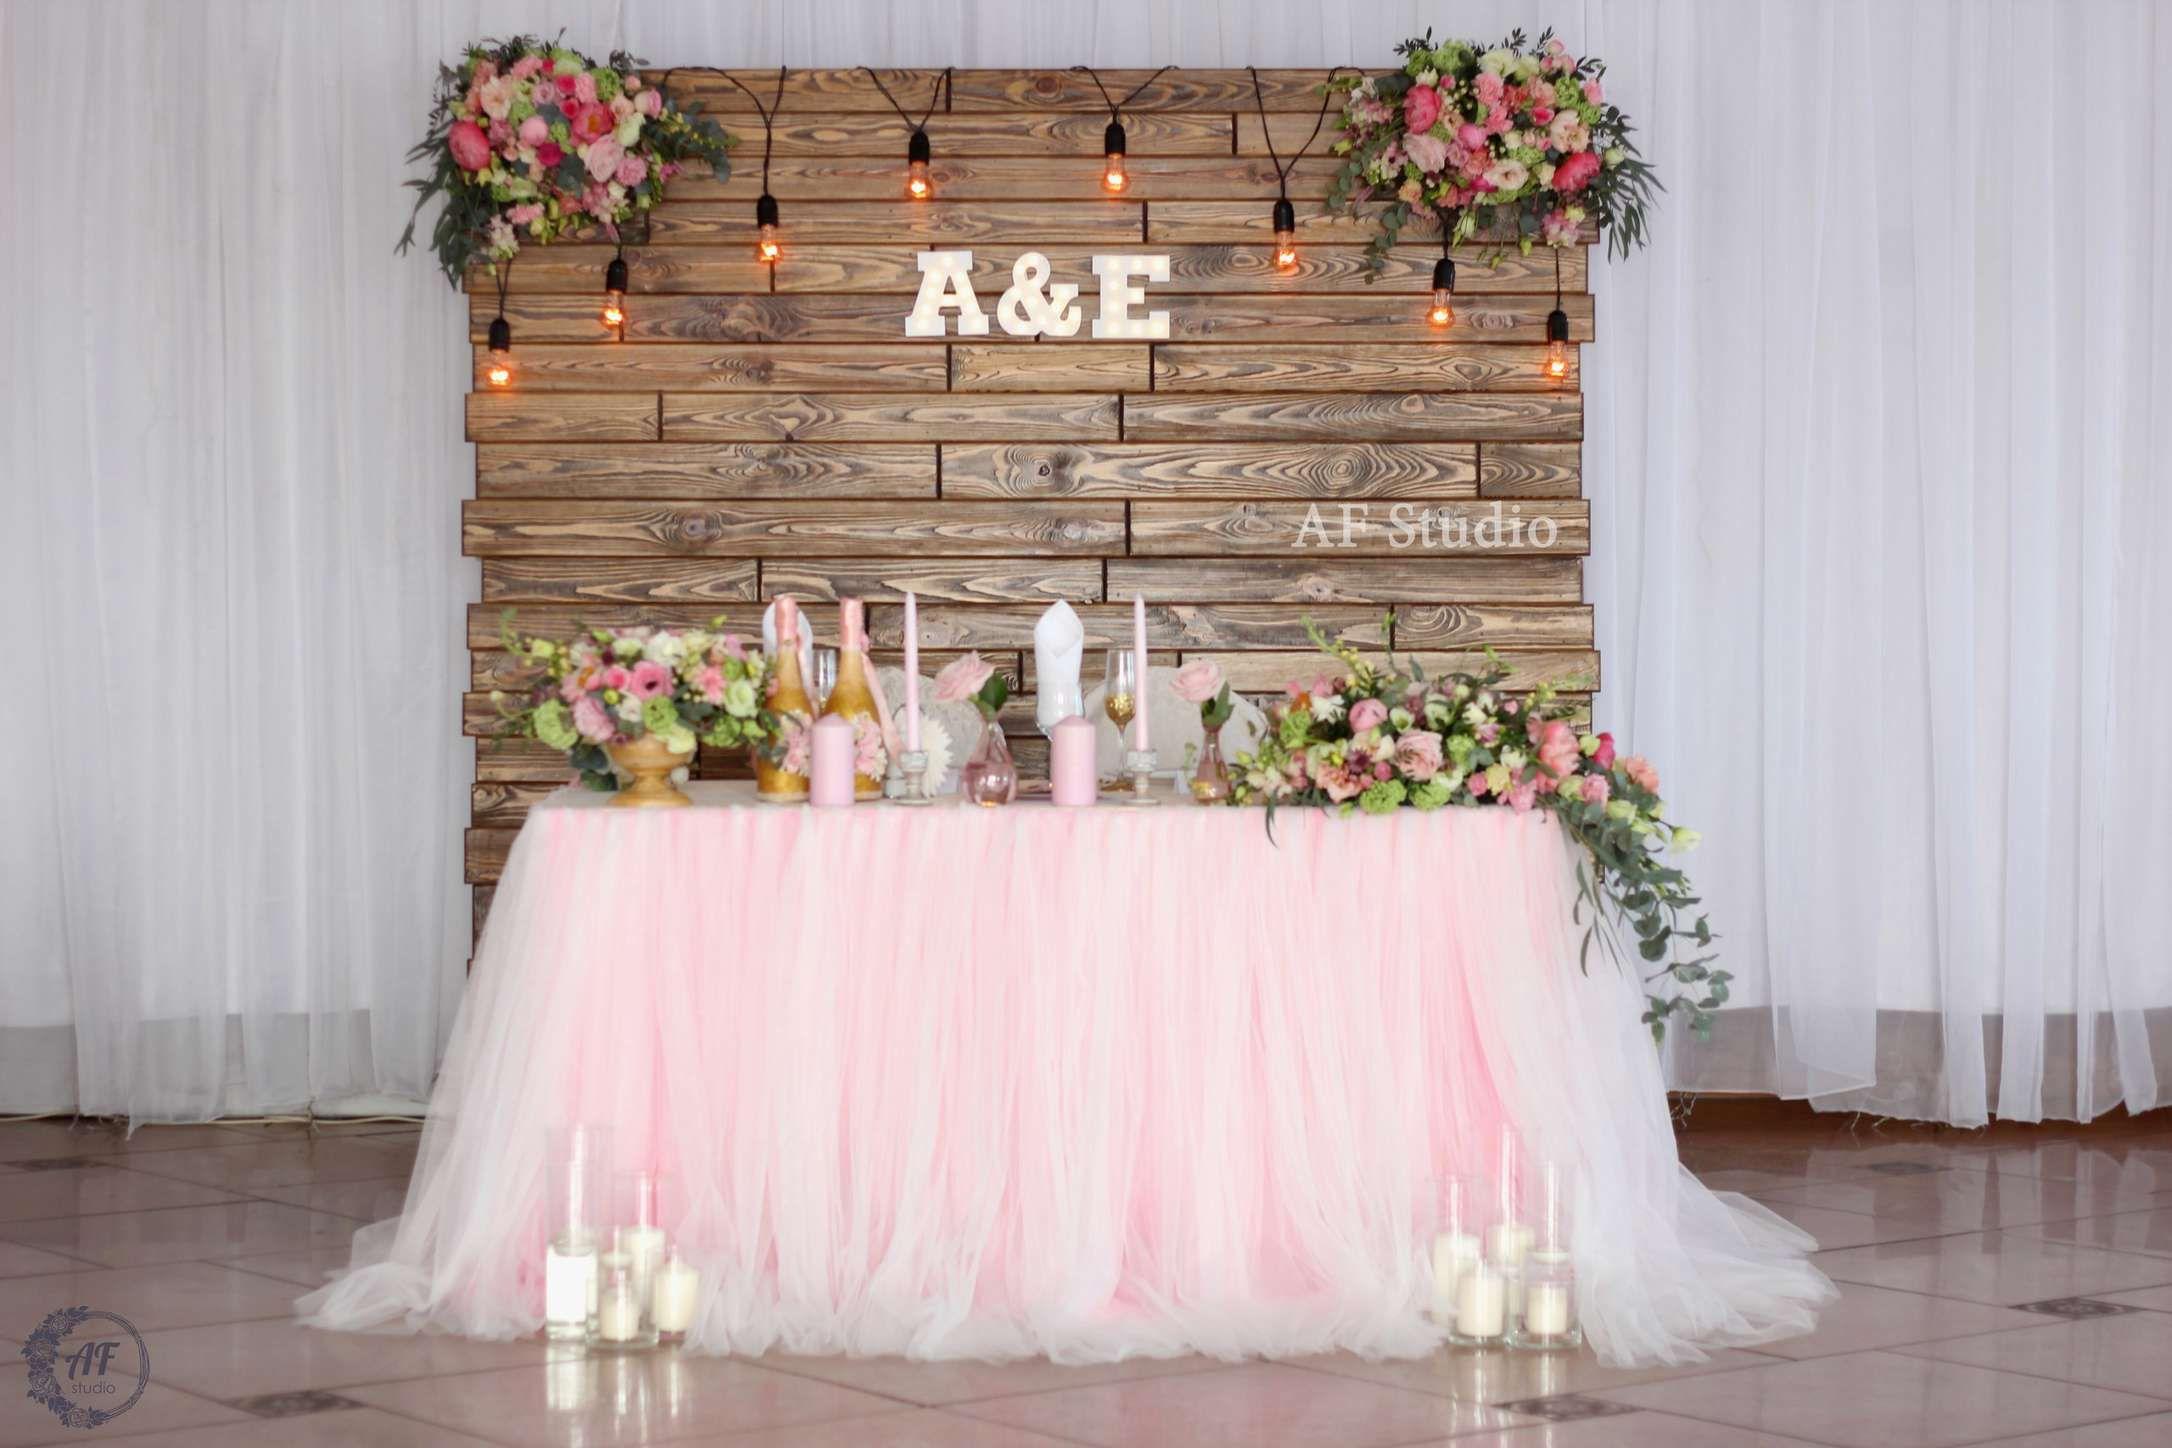 окалина, капли деревянный фото фон на свадьбу дорожка огороде